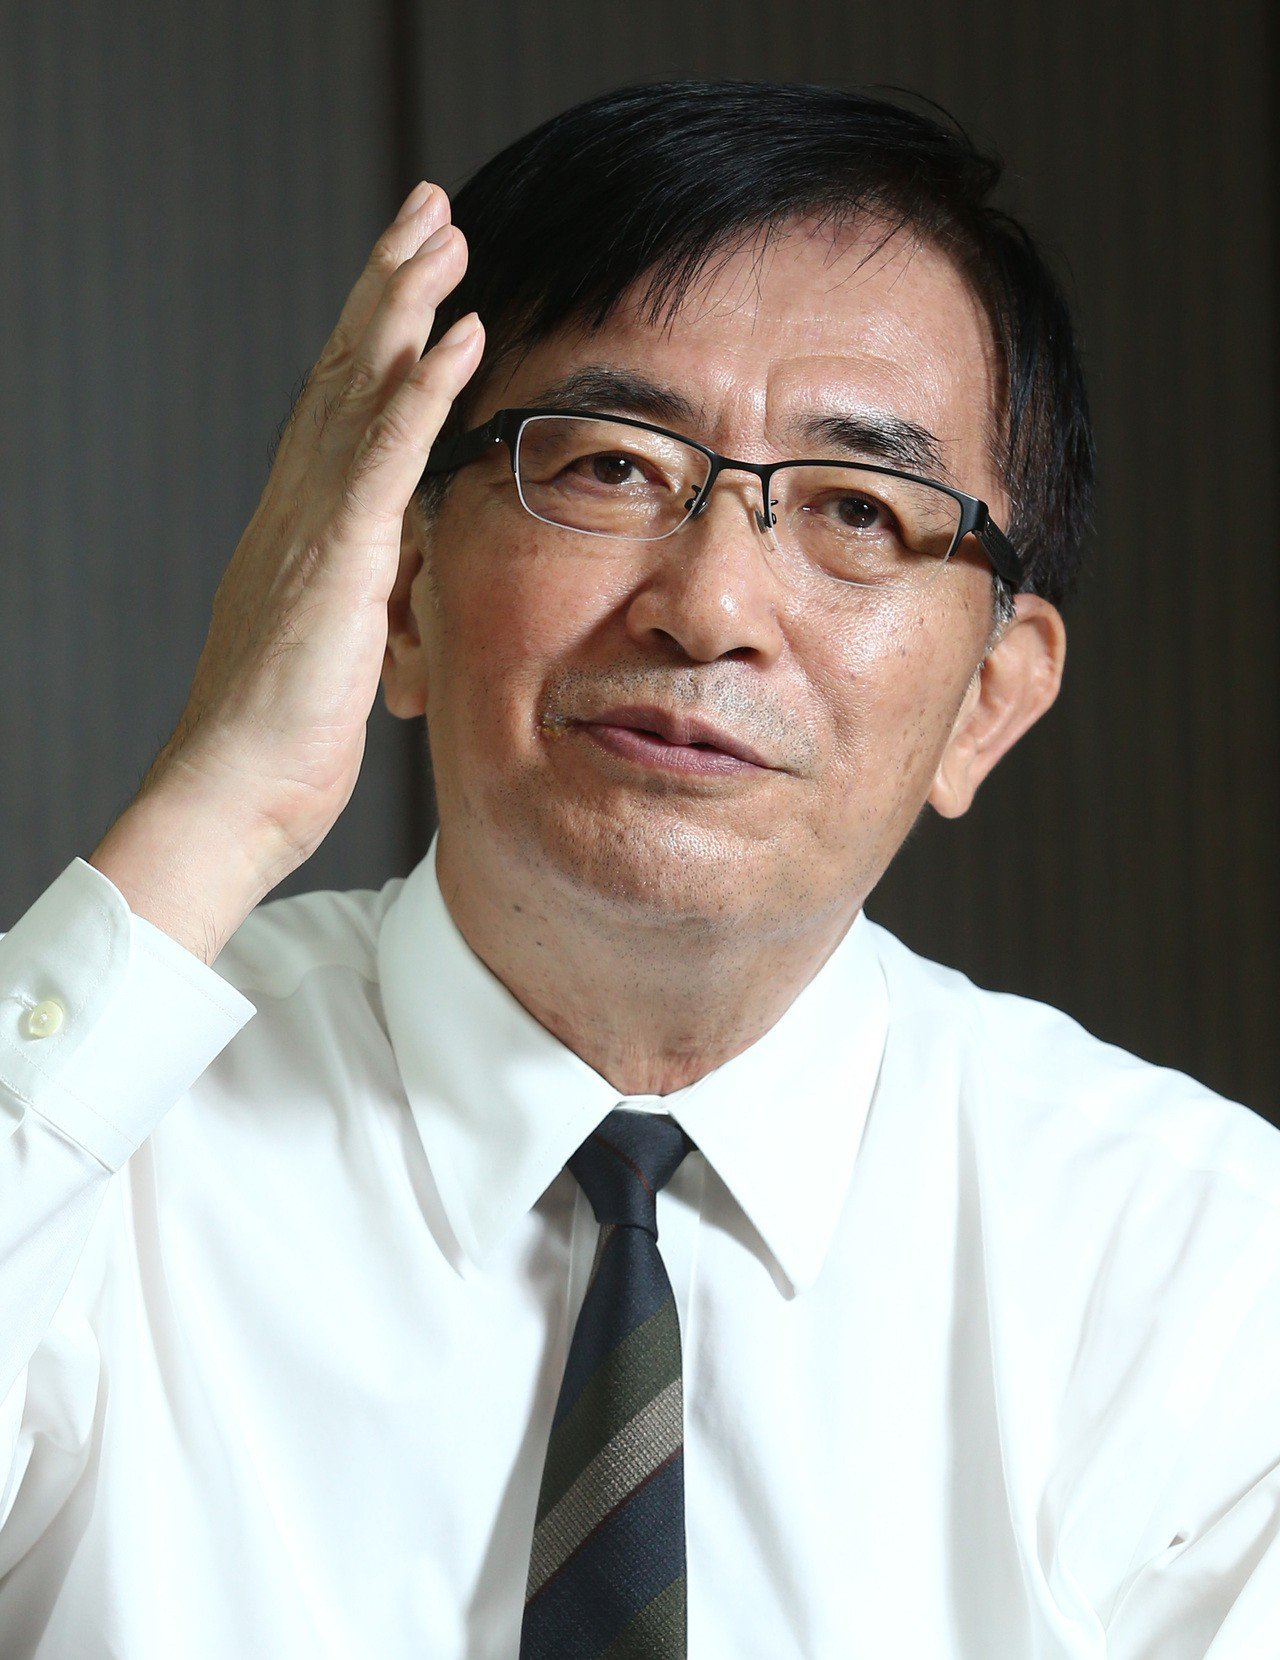 交通部長吳宏謀提出在不取消國道20公里免通行費的前提下,常態性實施差別費率的建議...